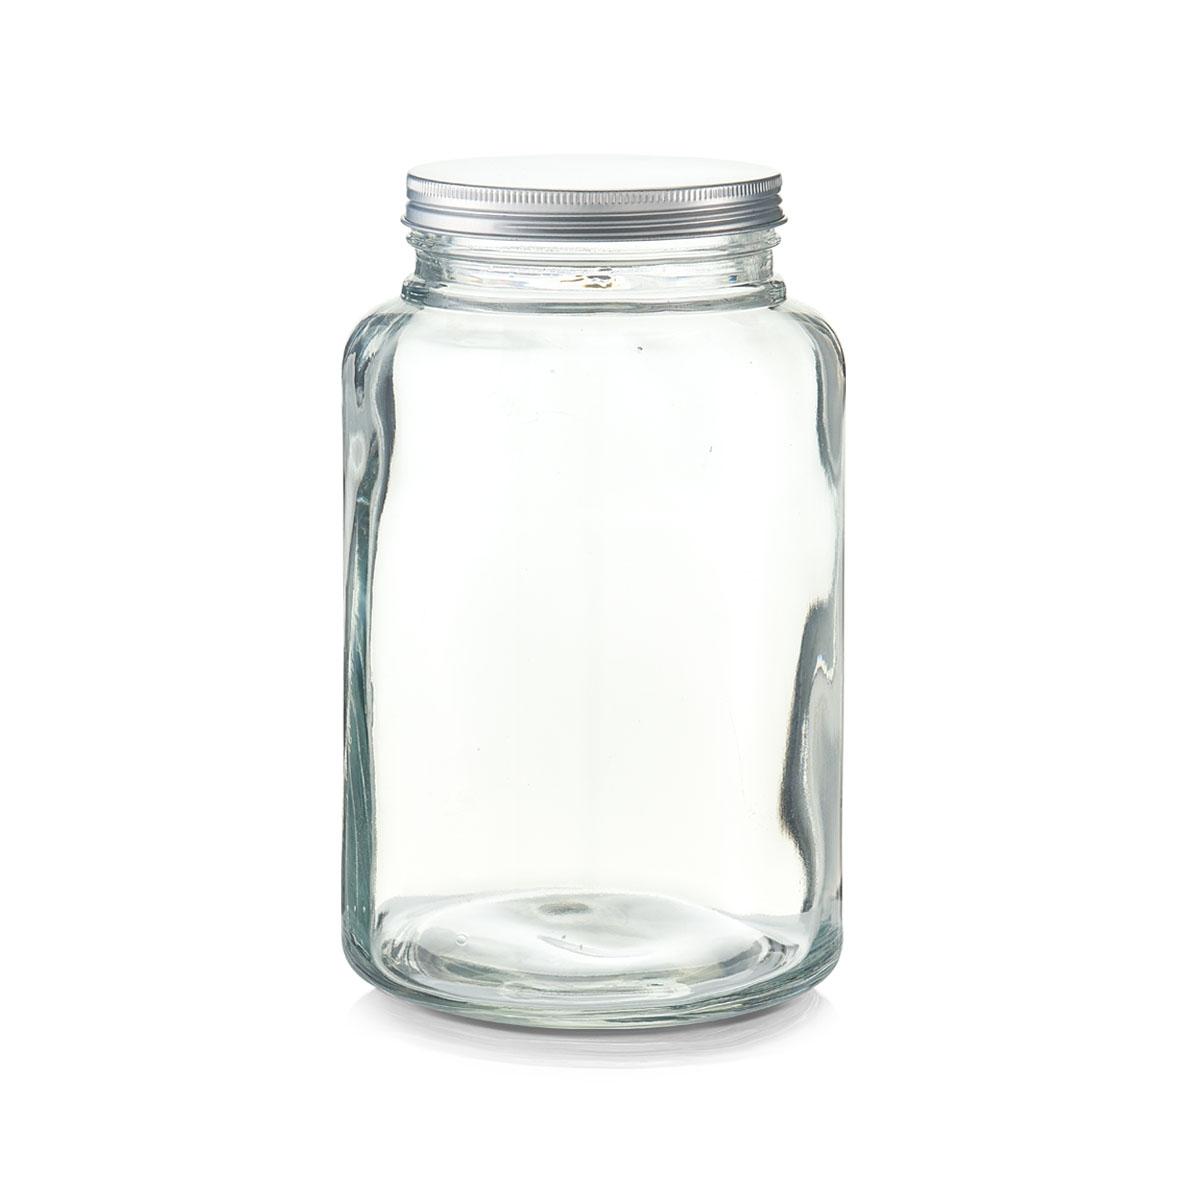 Borcan pentru depozitare din sticla, capac metalic, 4900 ml, Ø 17,2xH27,8 cm